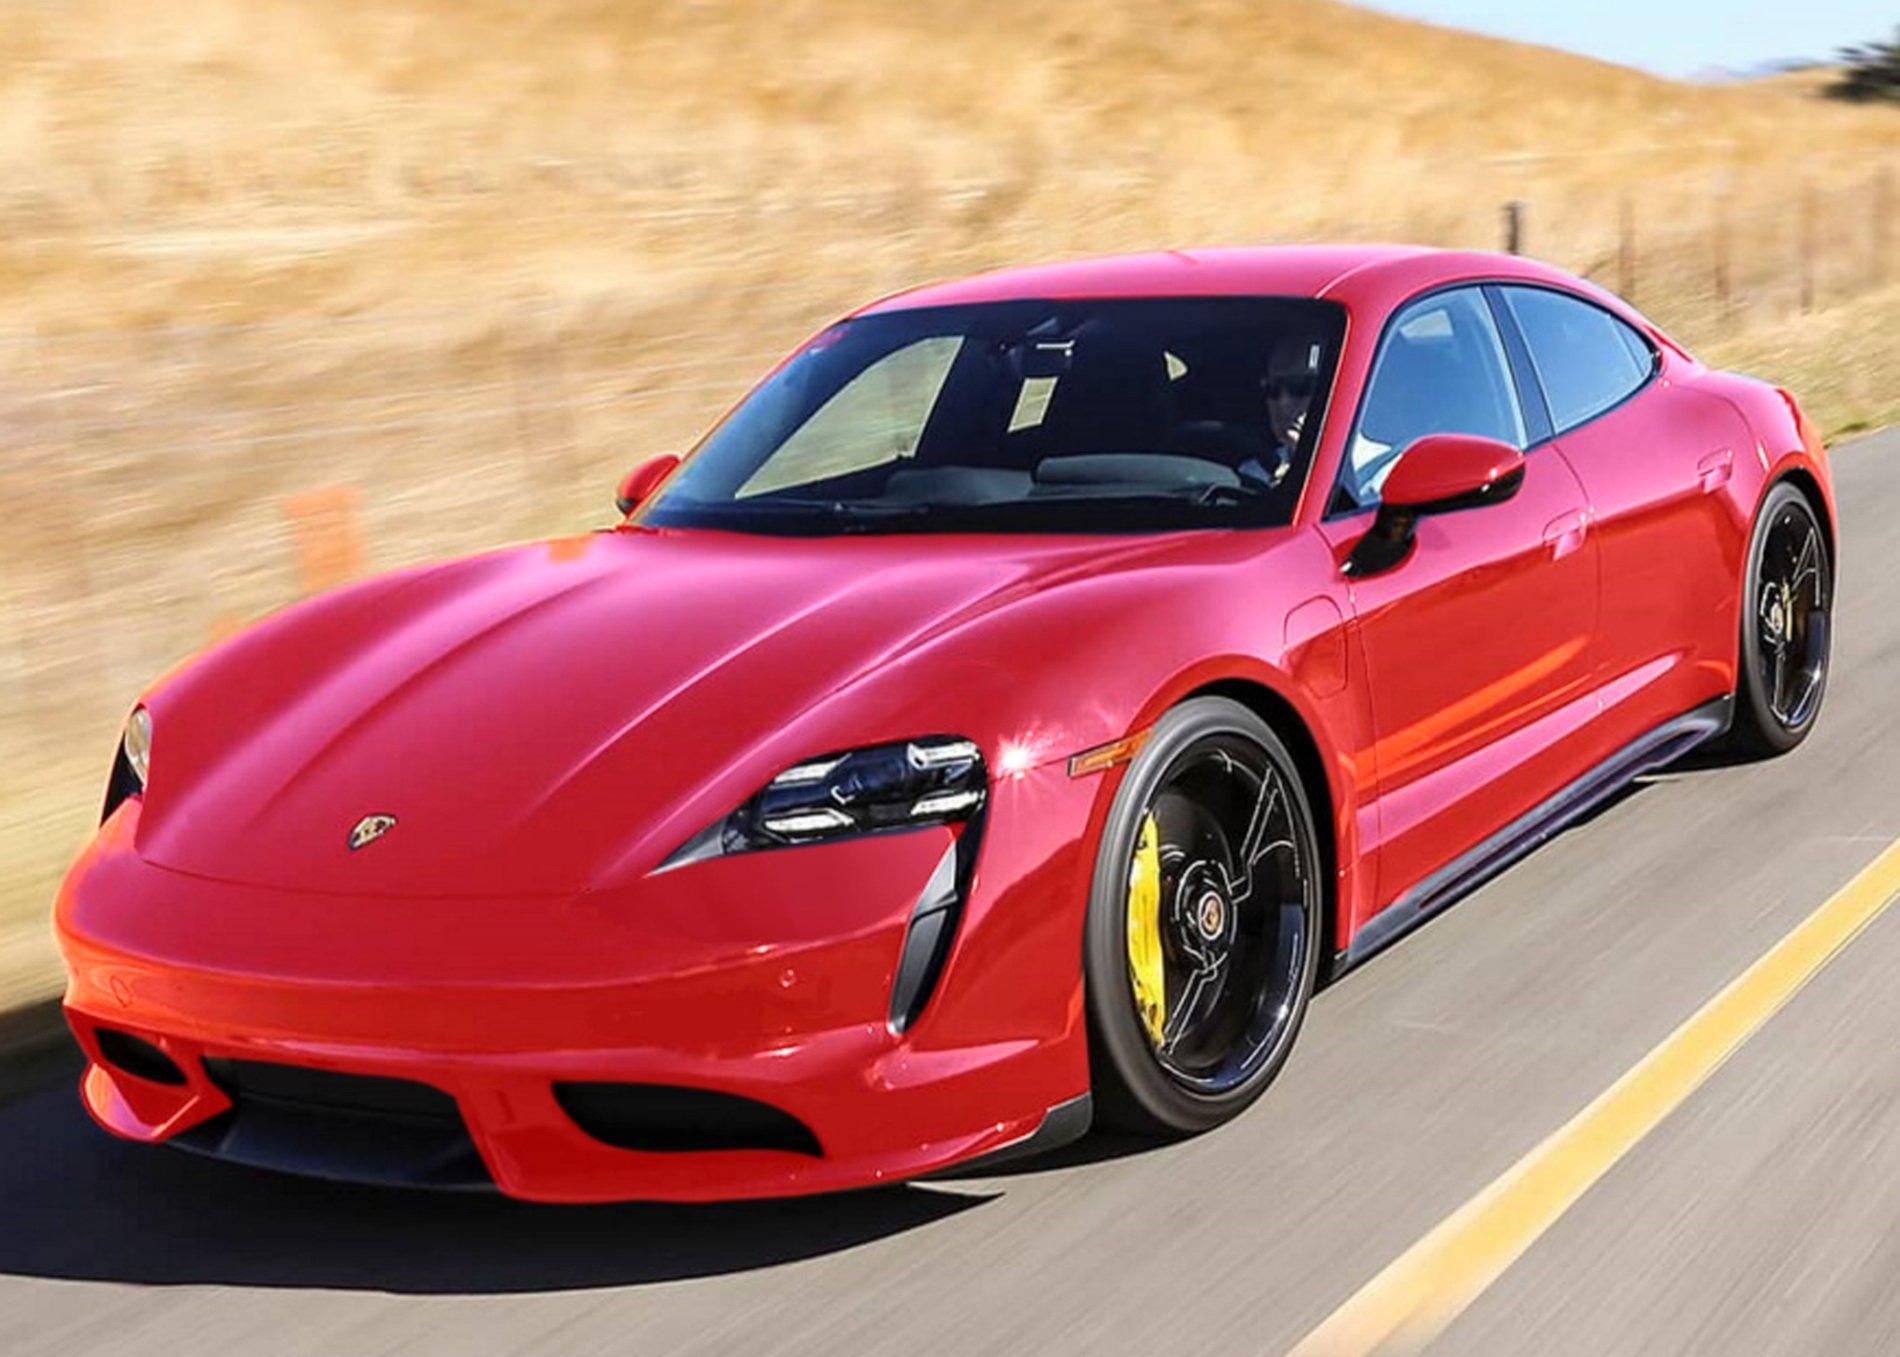 Porsche-Taycan-renderings-1